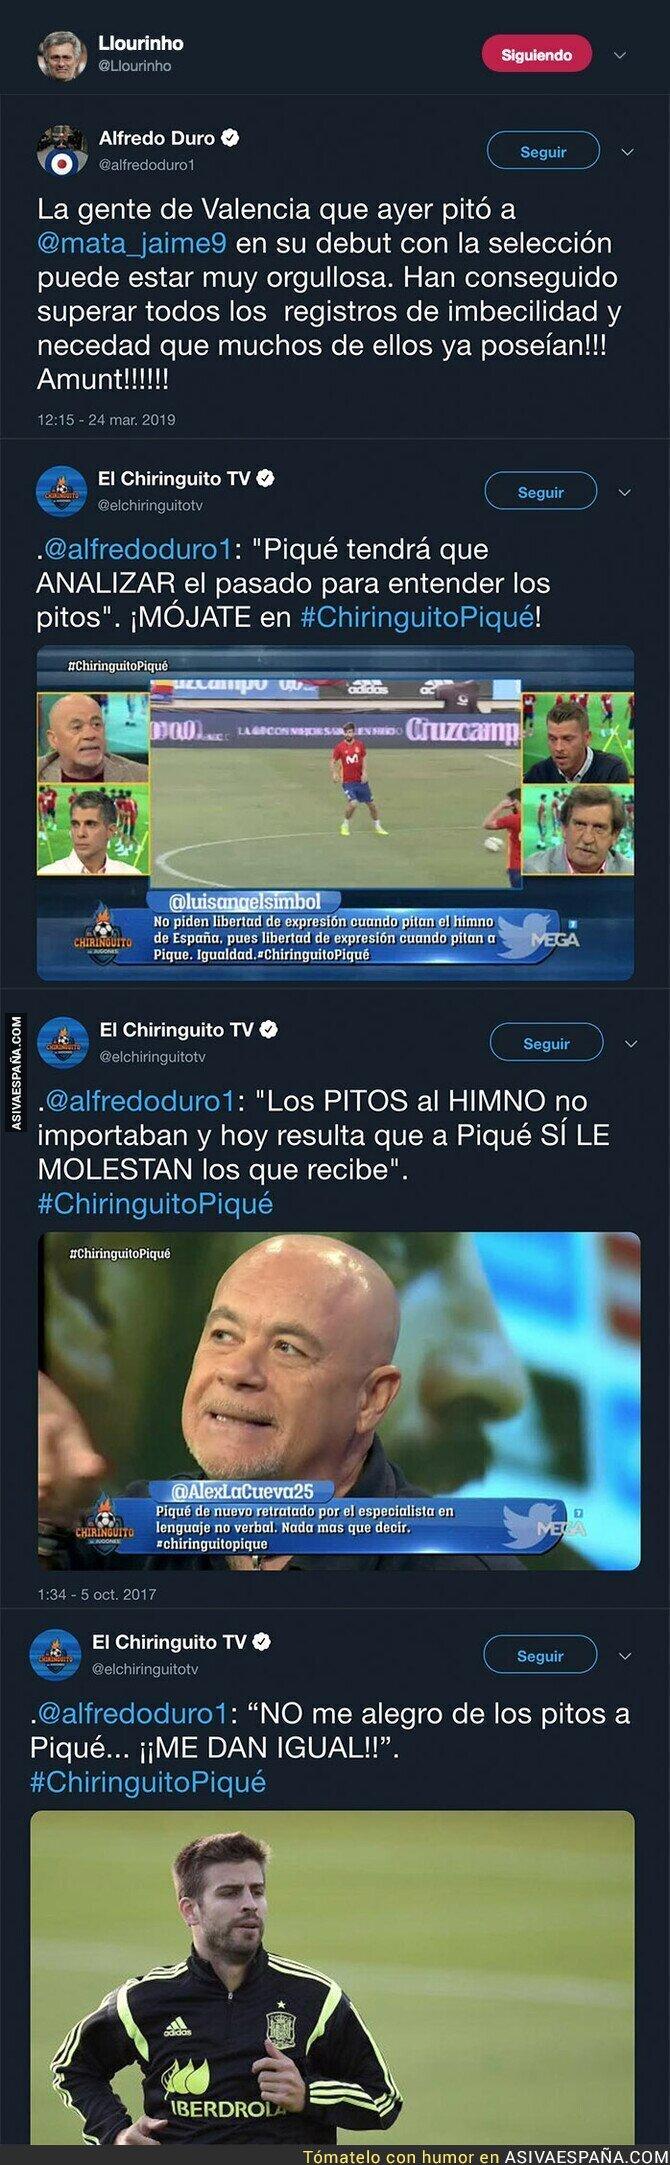 107358 - El doble rasero de Alfredo Duro a la hora de criticar cuando pitan a un jugador del Getafe con la selección y a Gerard Piqué